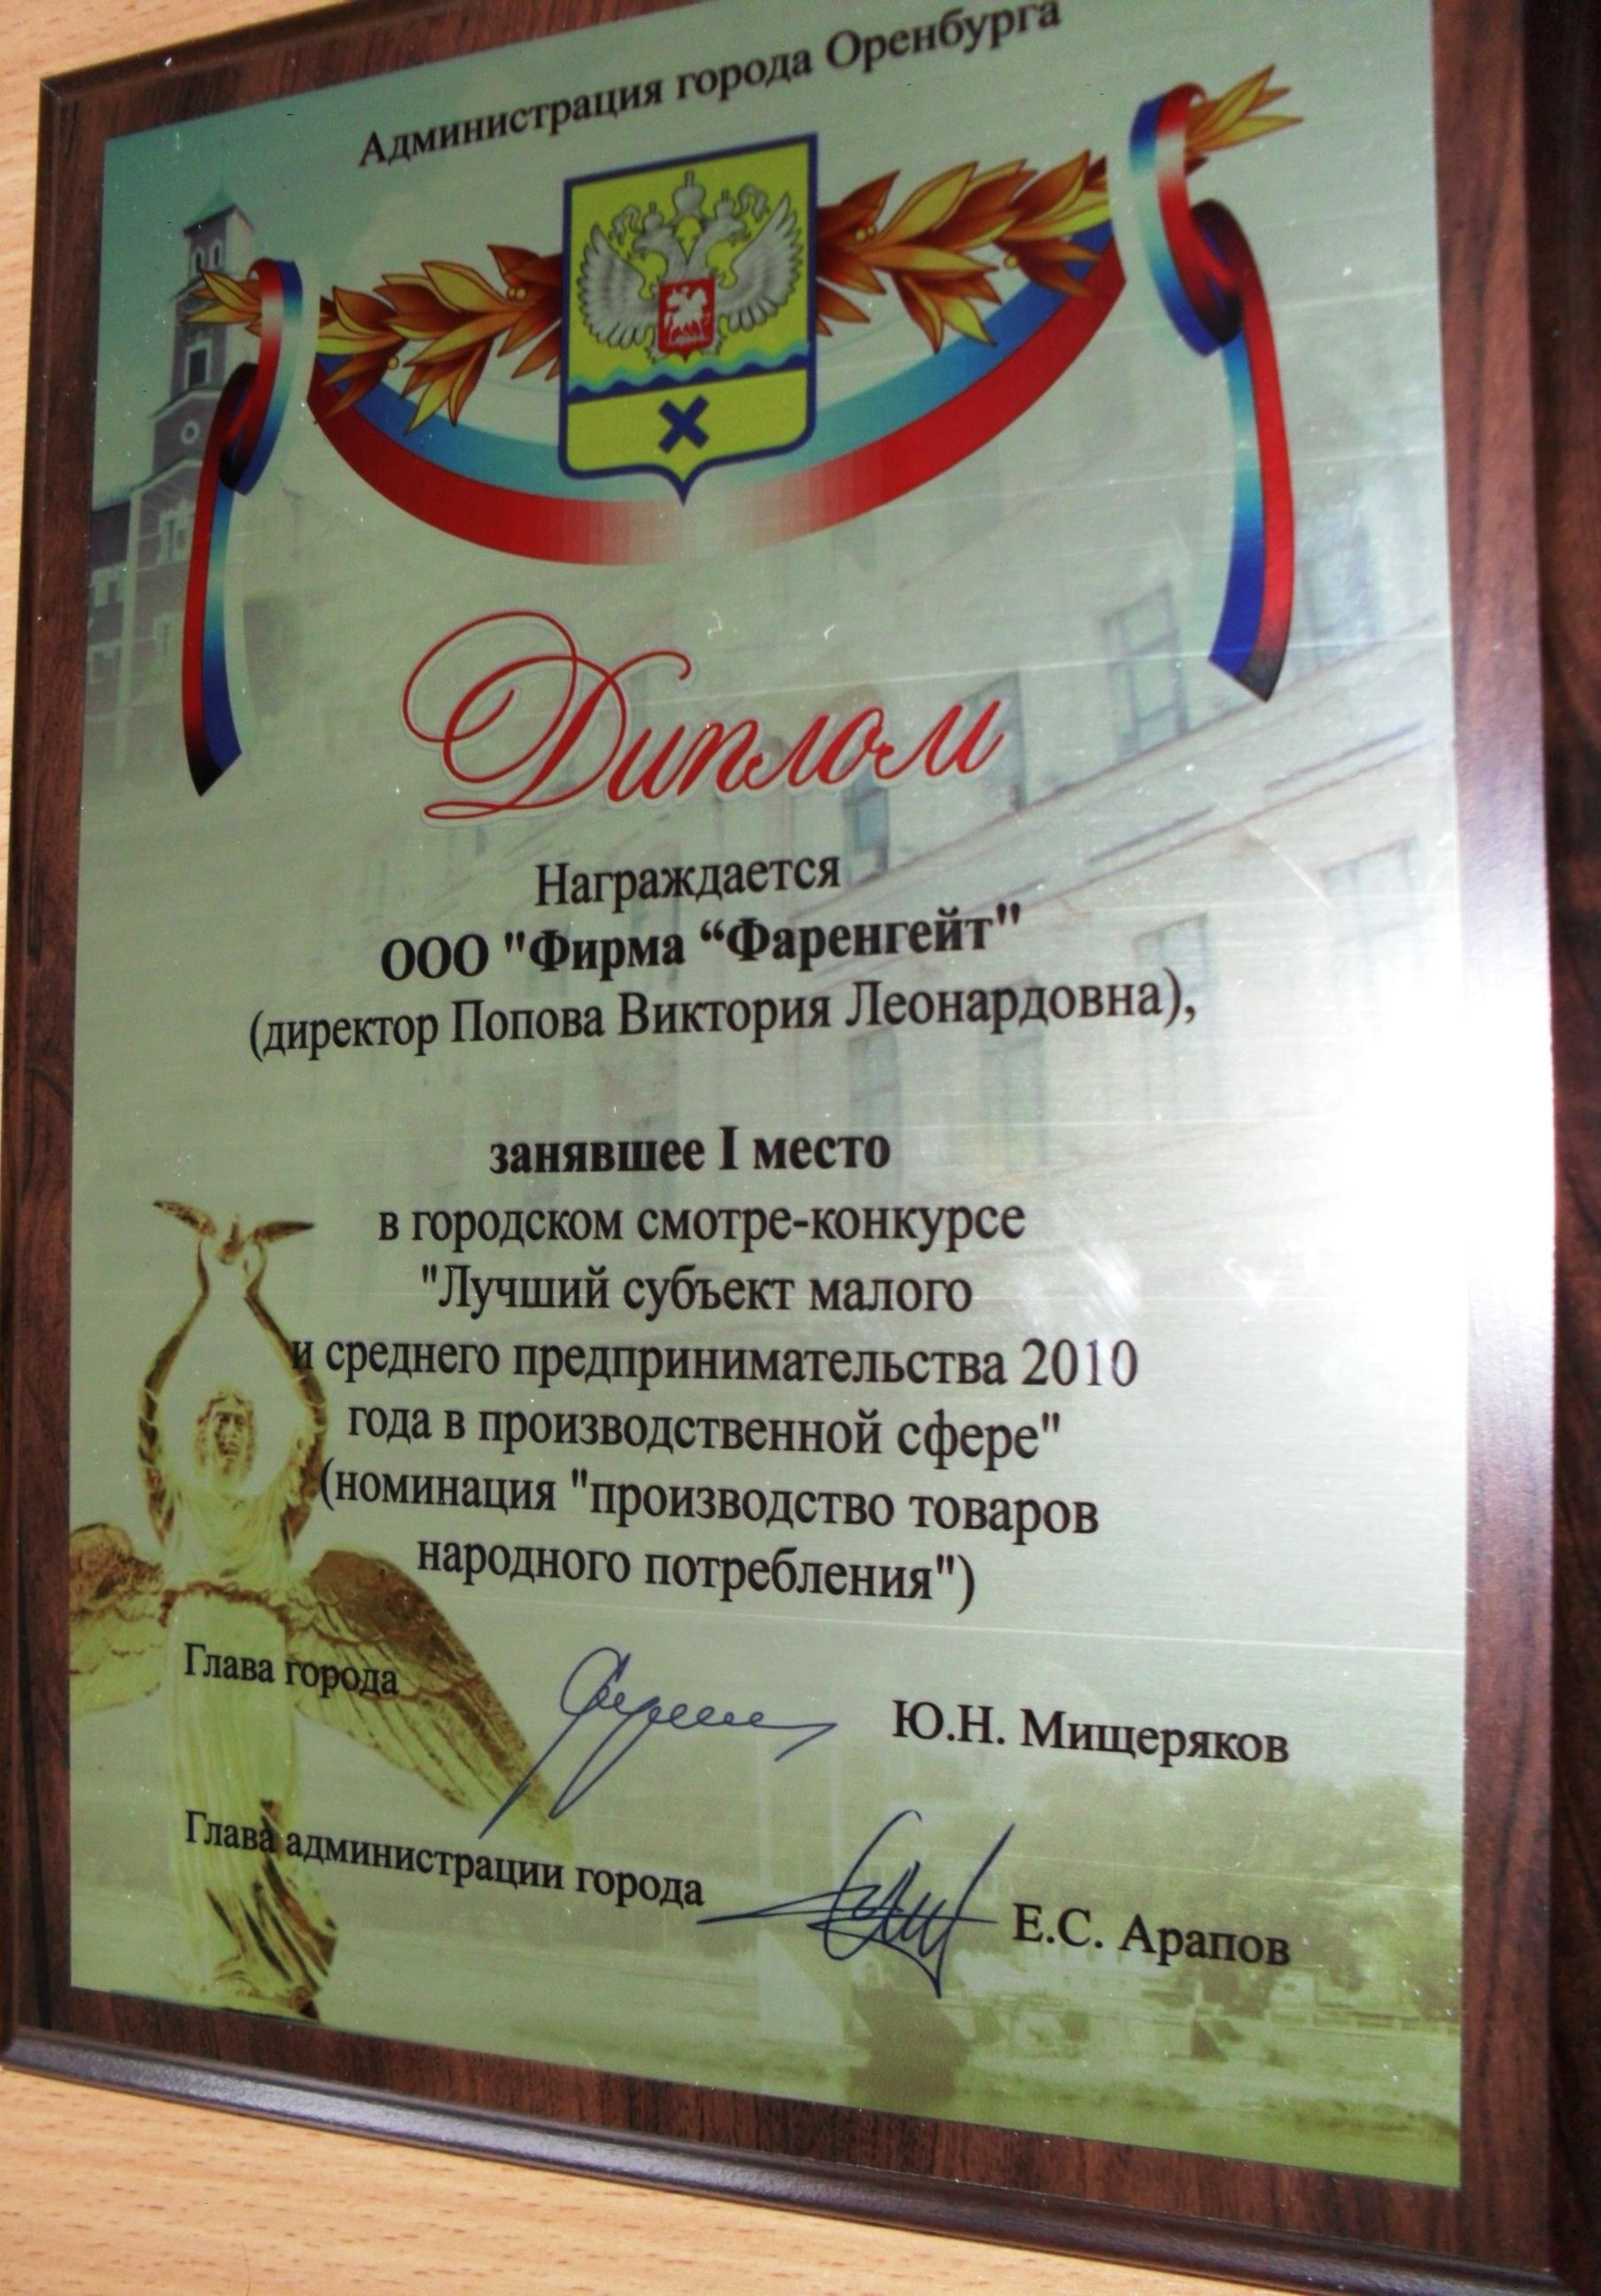 О компании Фаренгейт Оренбург  Диплом за первое место в городском смотре конкурсе Лучший субъект малого и среднего предпринимательства 2010